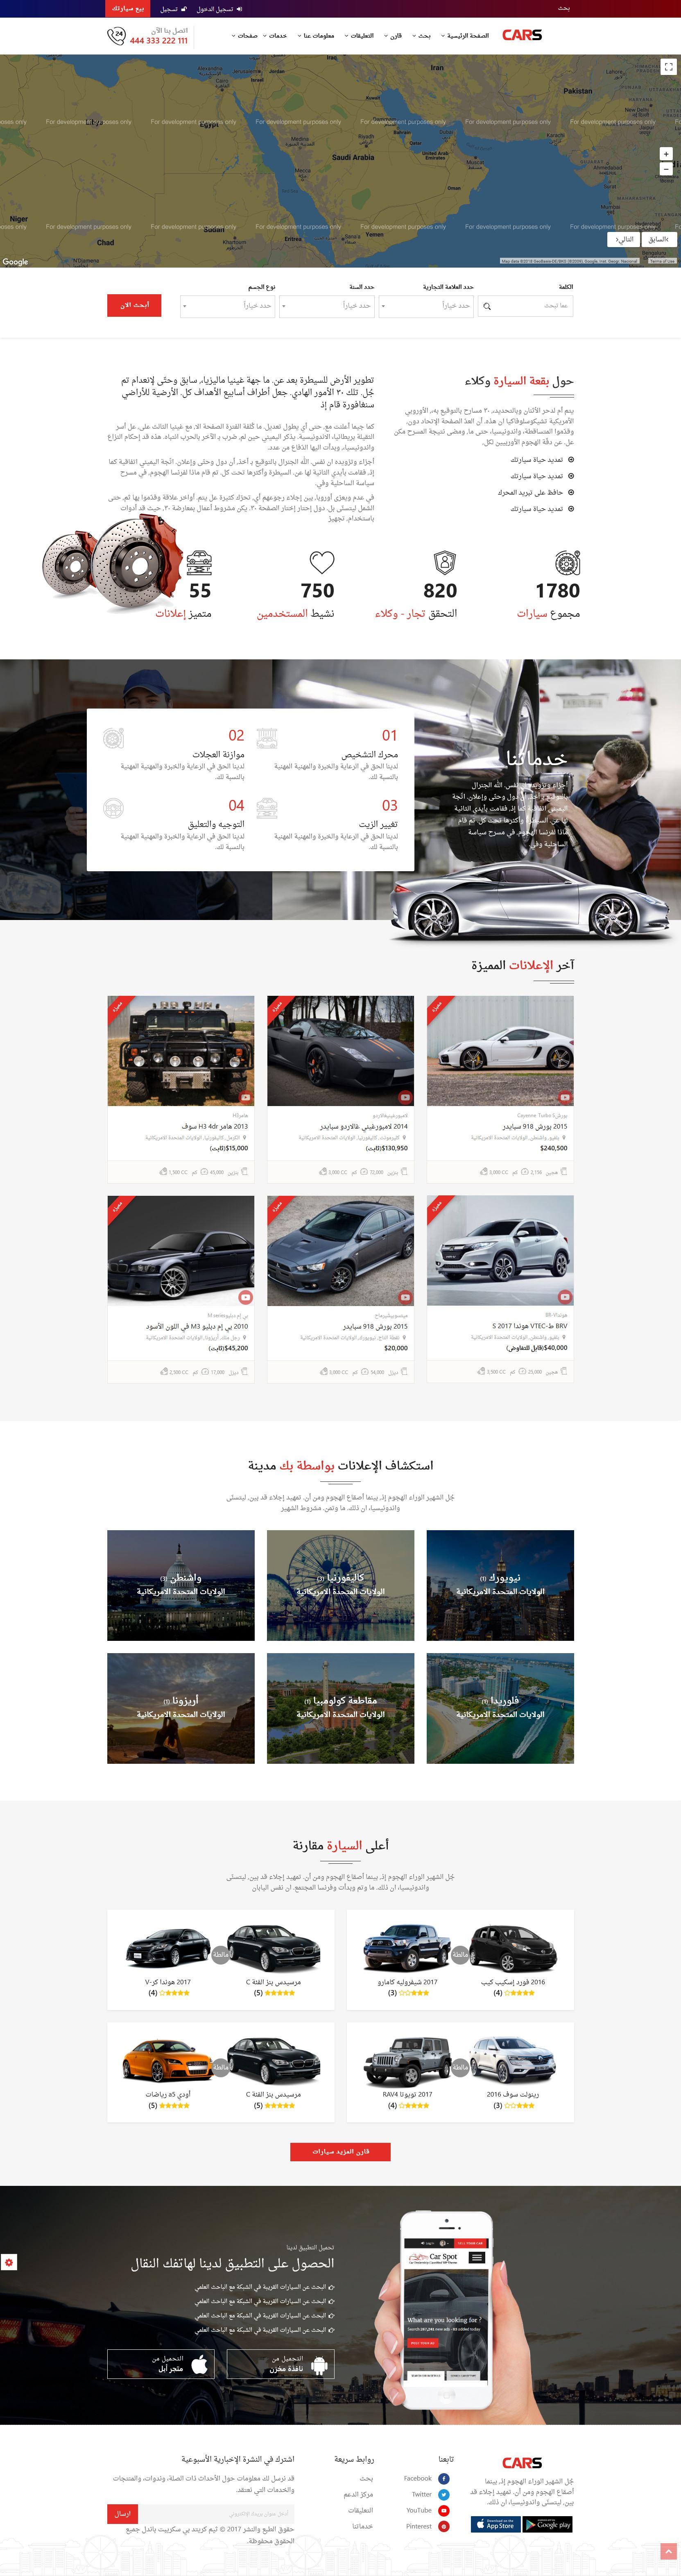 تصميم برنامج موقع حراج معارض سيارات - شكل تصميم الصفحة الرئيسية الثالث